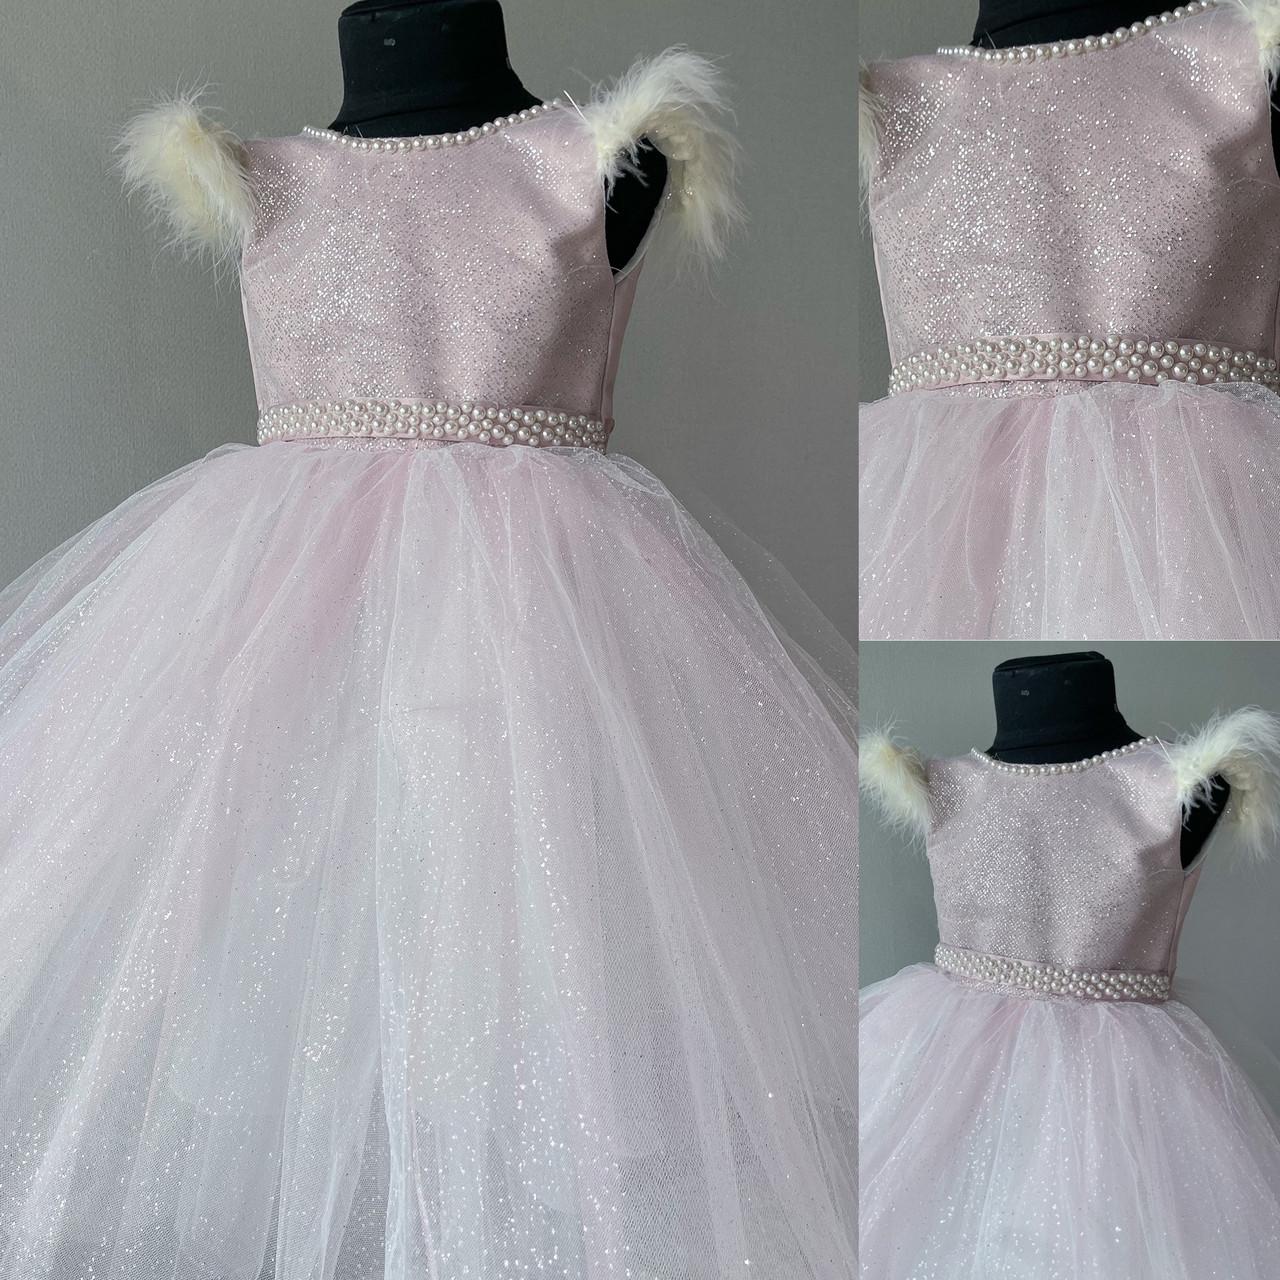 Святкове плаття для дівчинки 2-4 роки